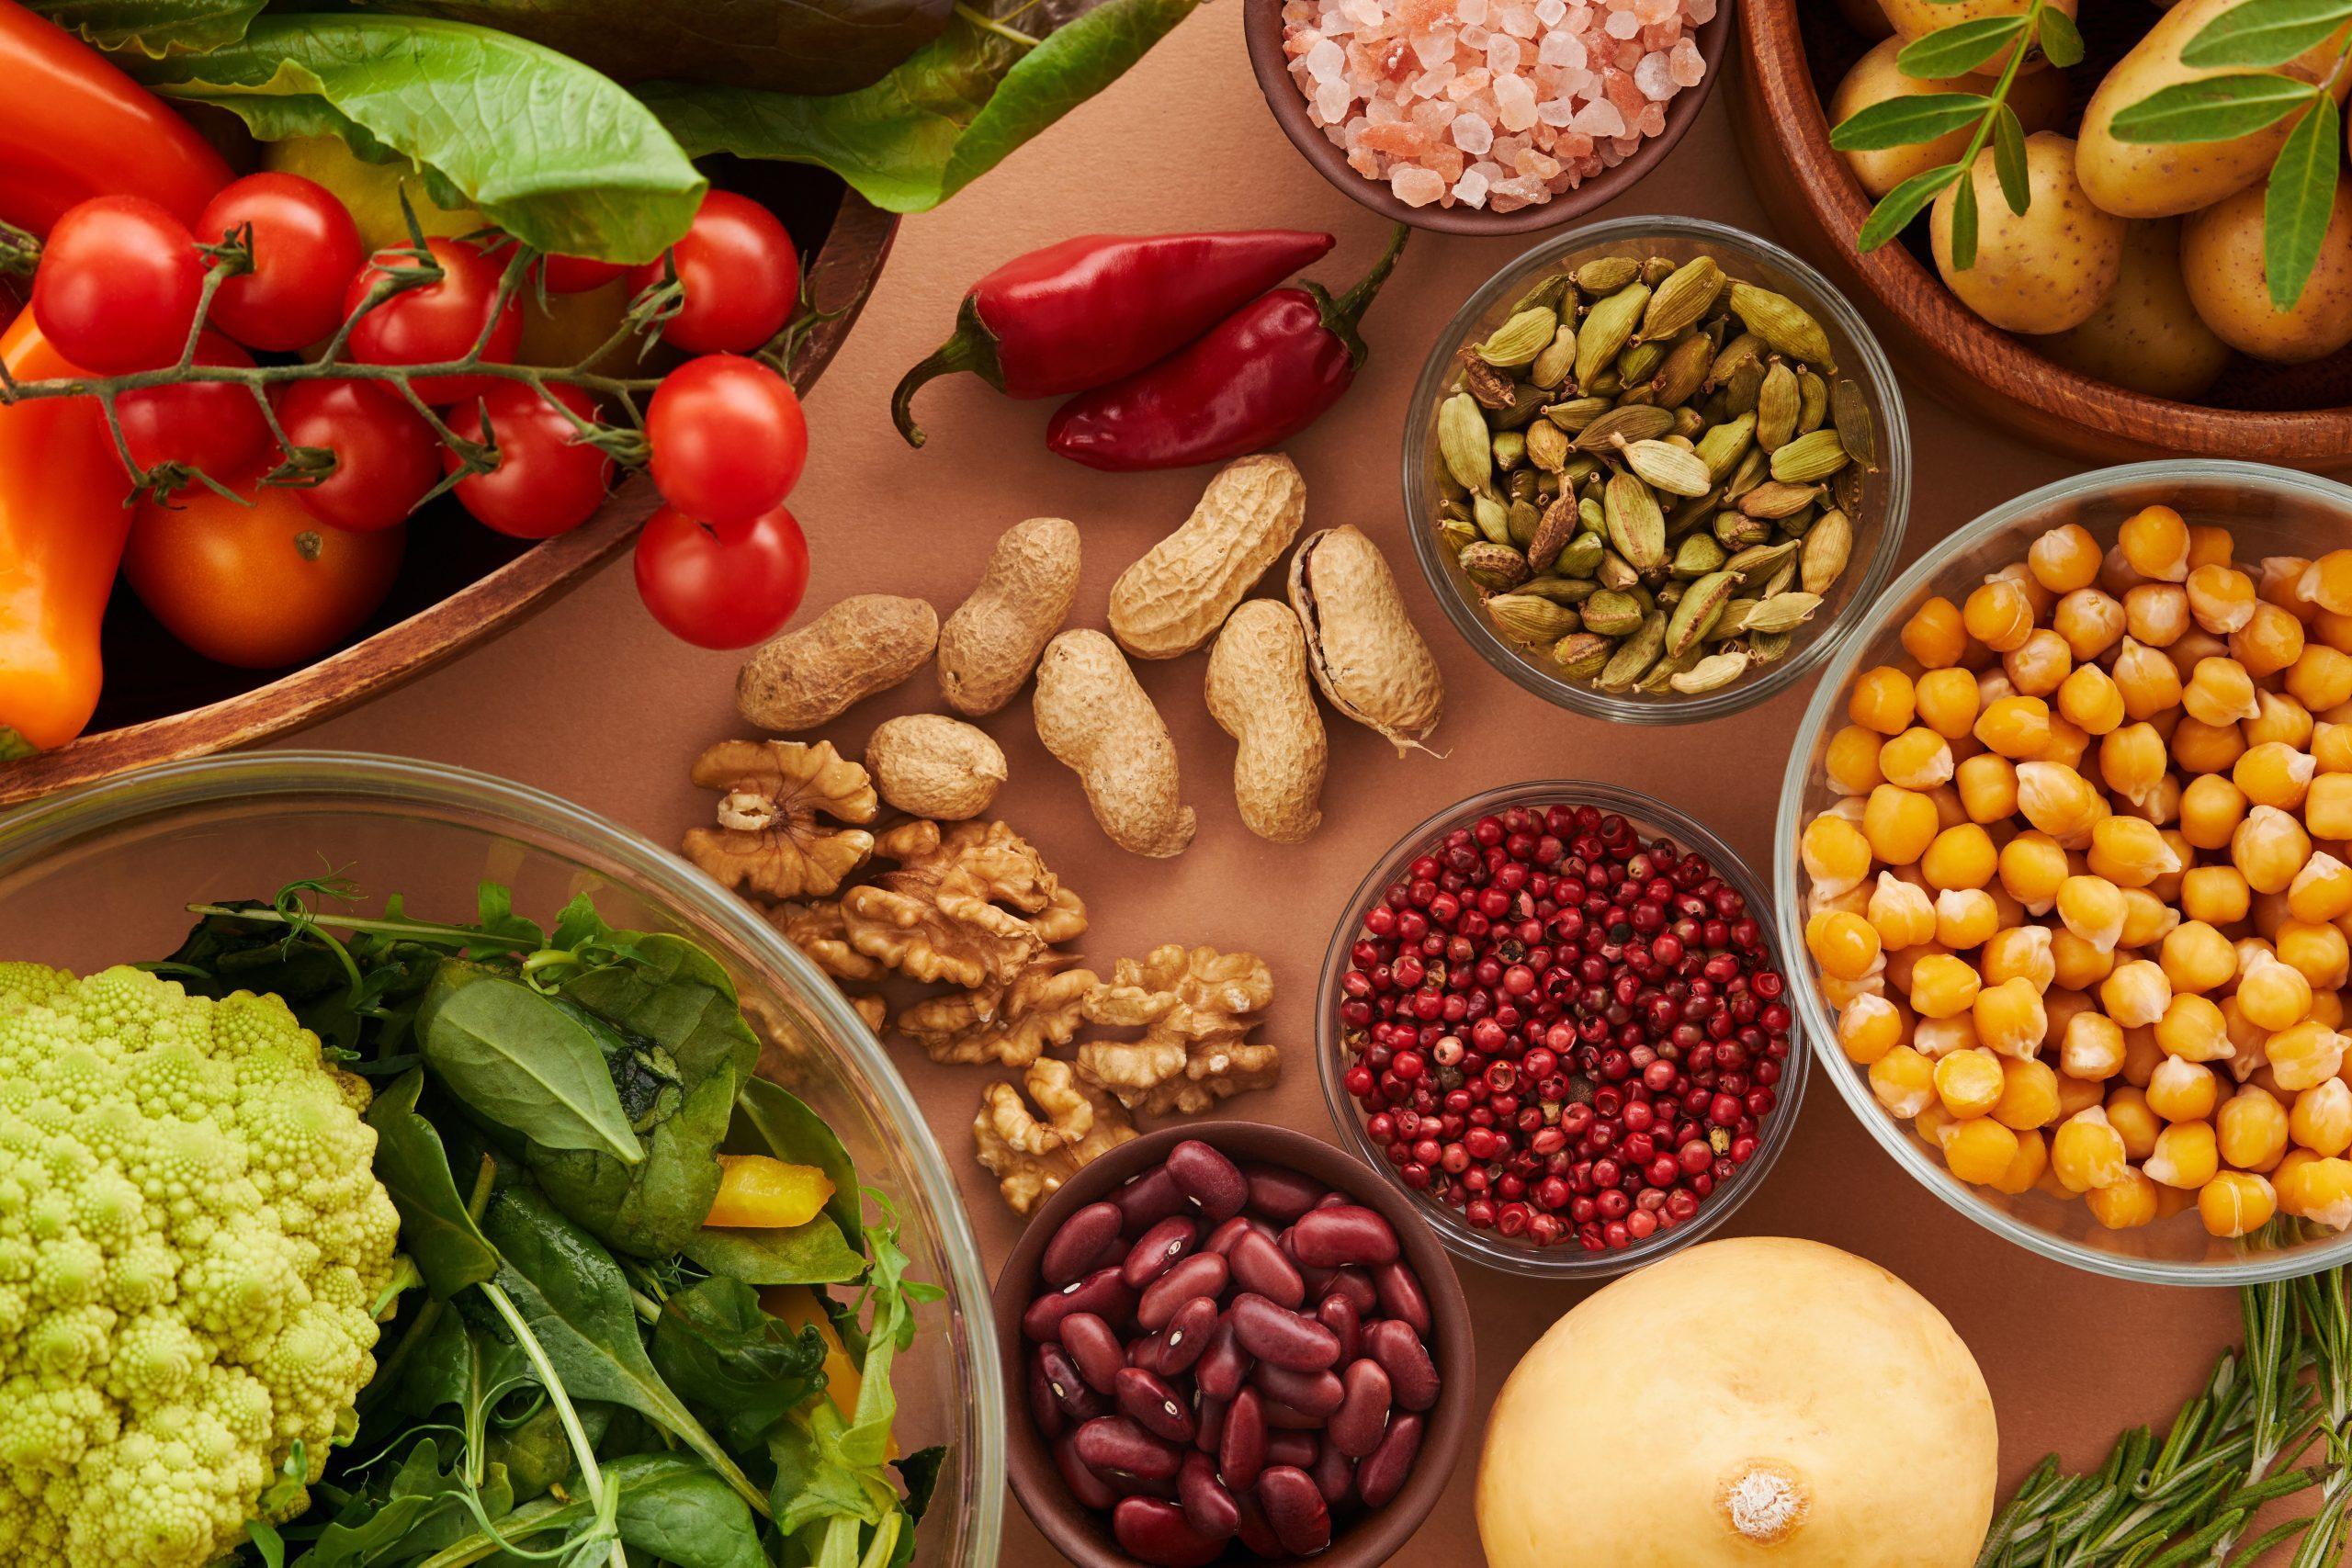 Фасоль, арахис, перец, нут, овощи, зелень, брусника, розовая соль